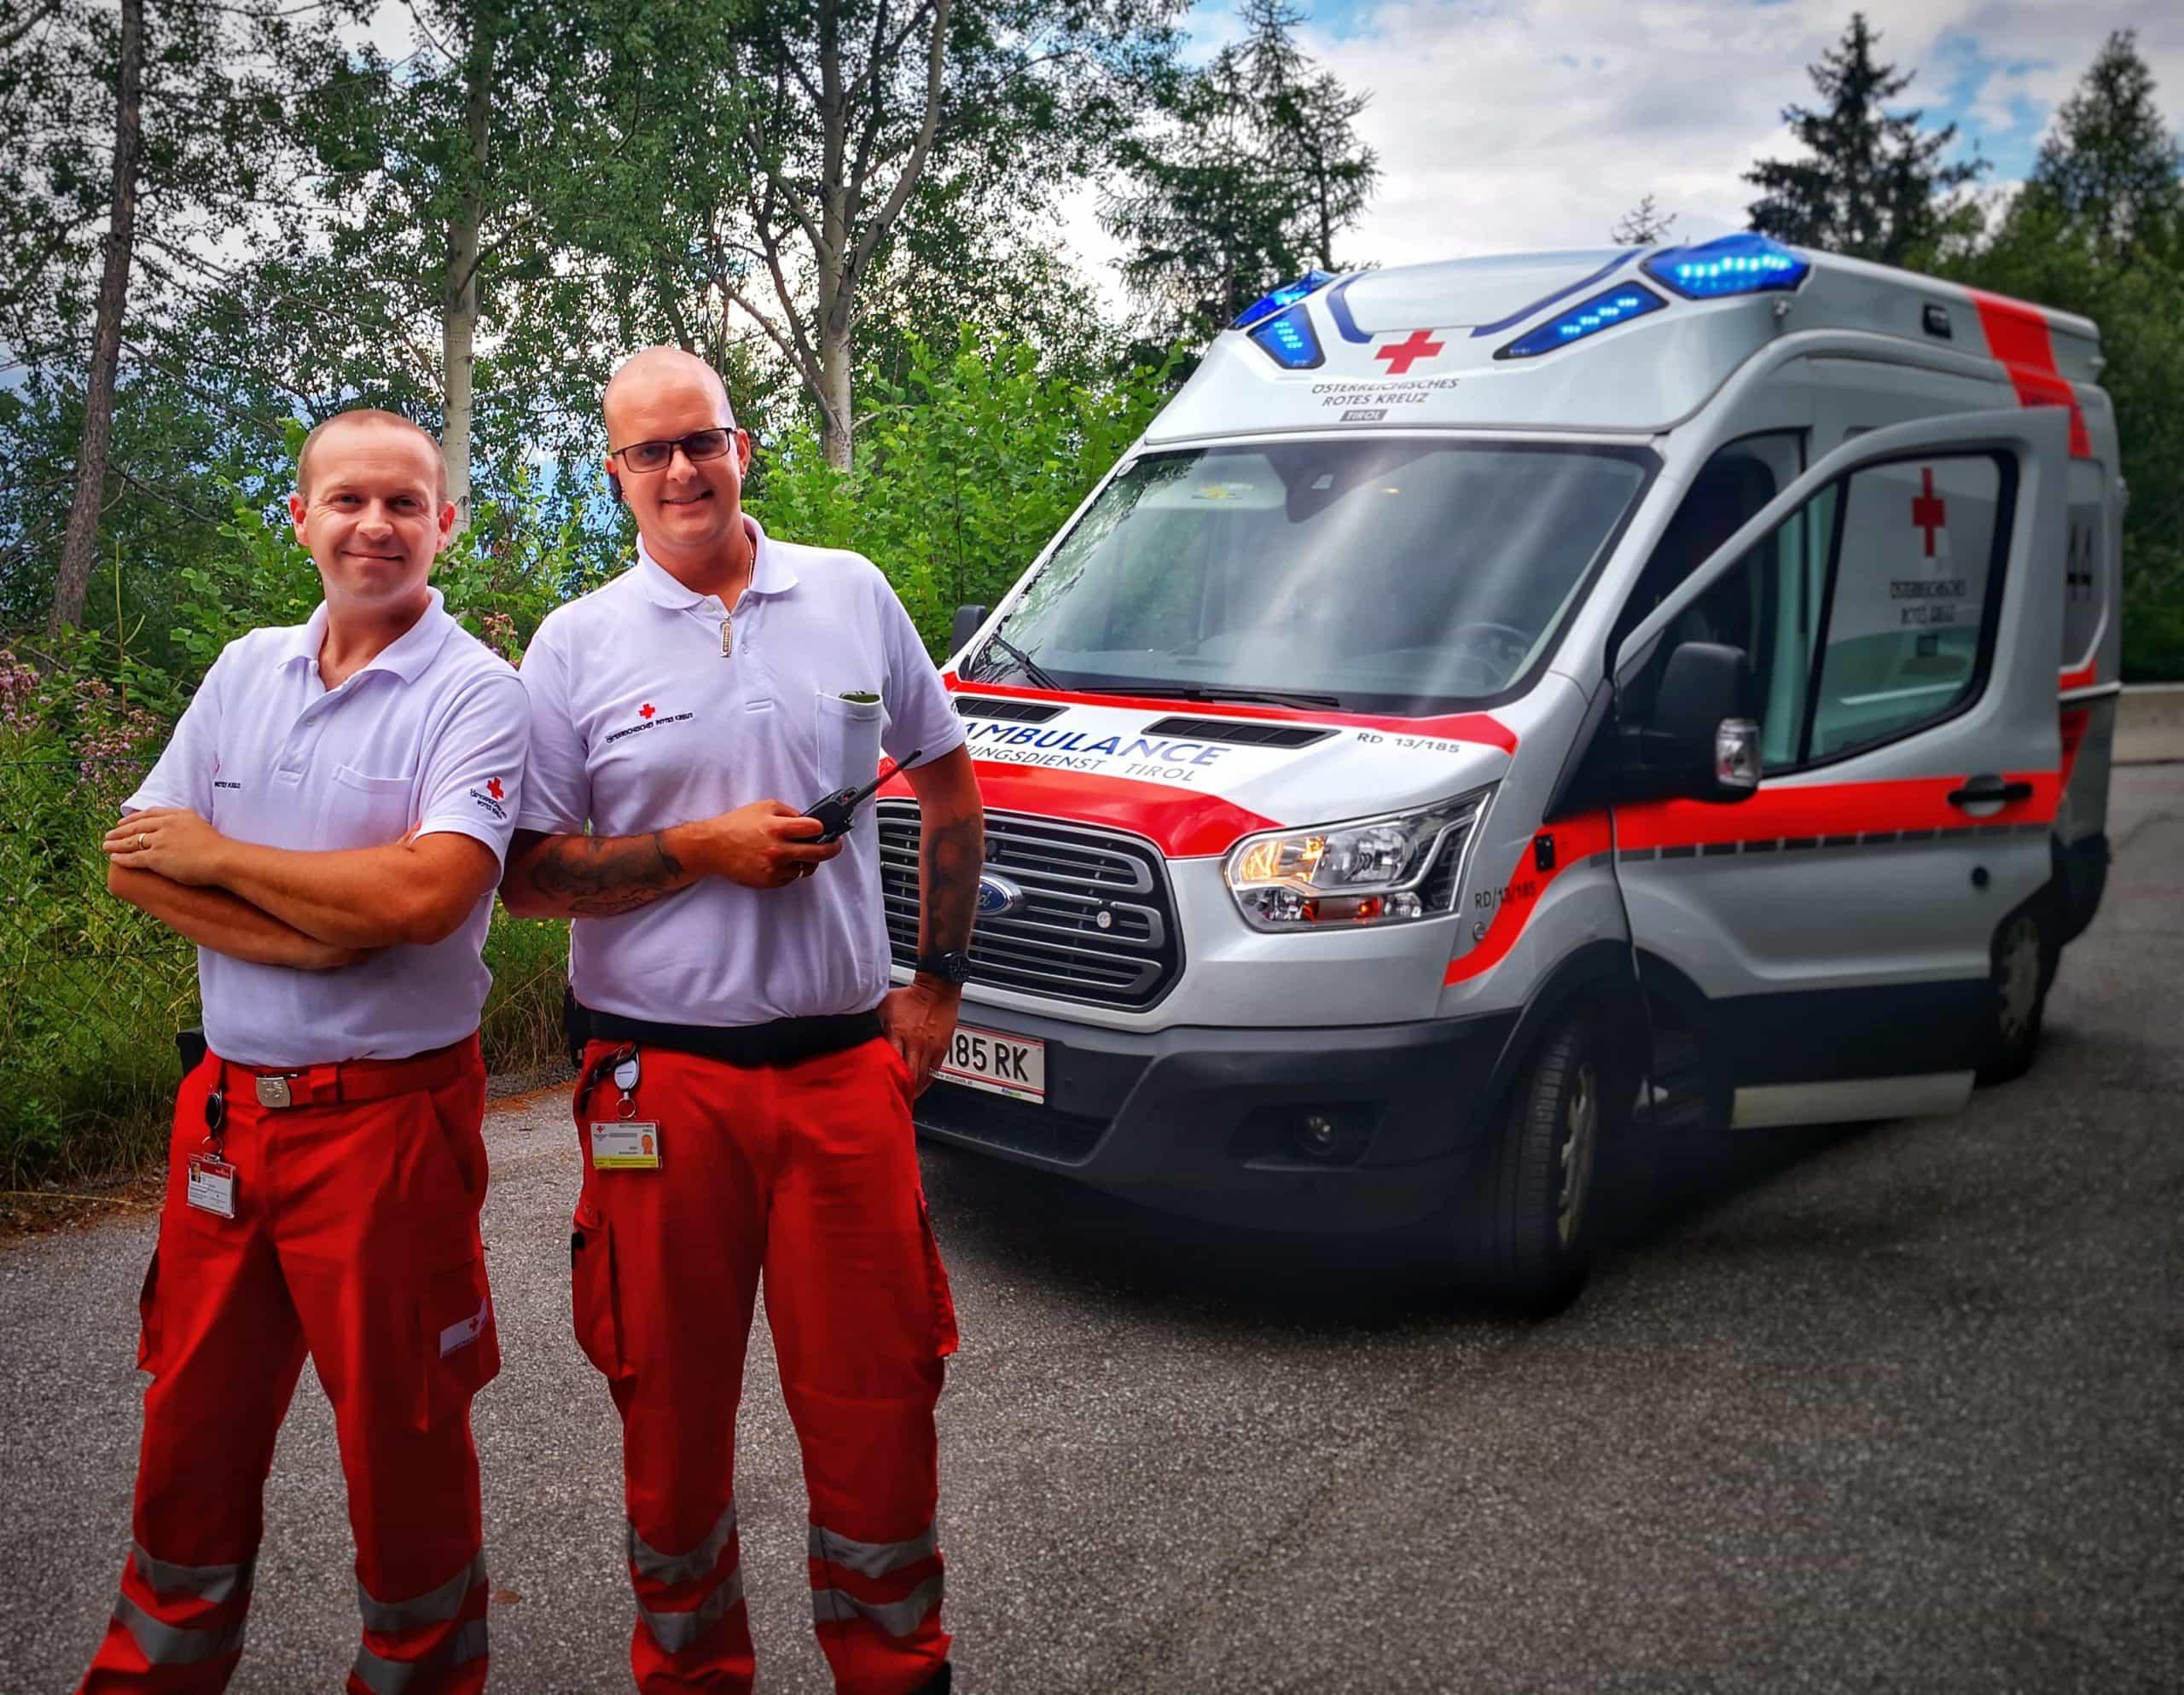 IMG 20190730 164354 02 scaled - Ehrenamtlich Rettungssanitäter, Kriseninterventionsteam - beim Österreichischen Roten Kreuz